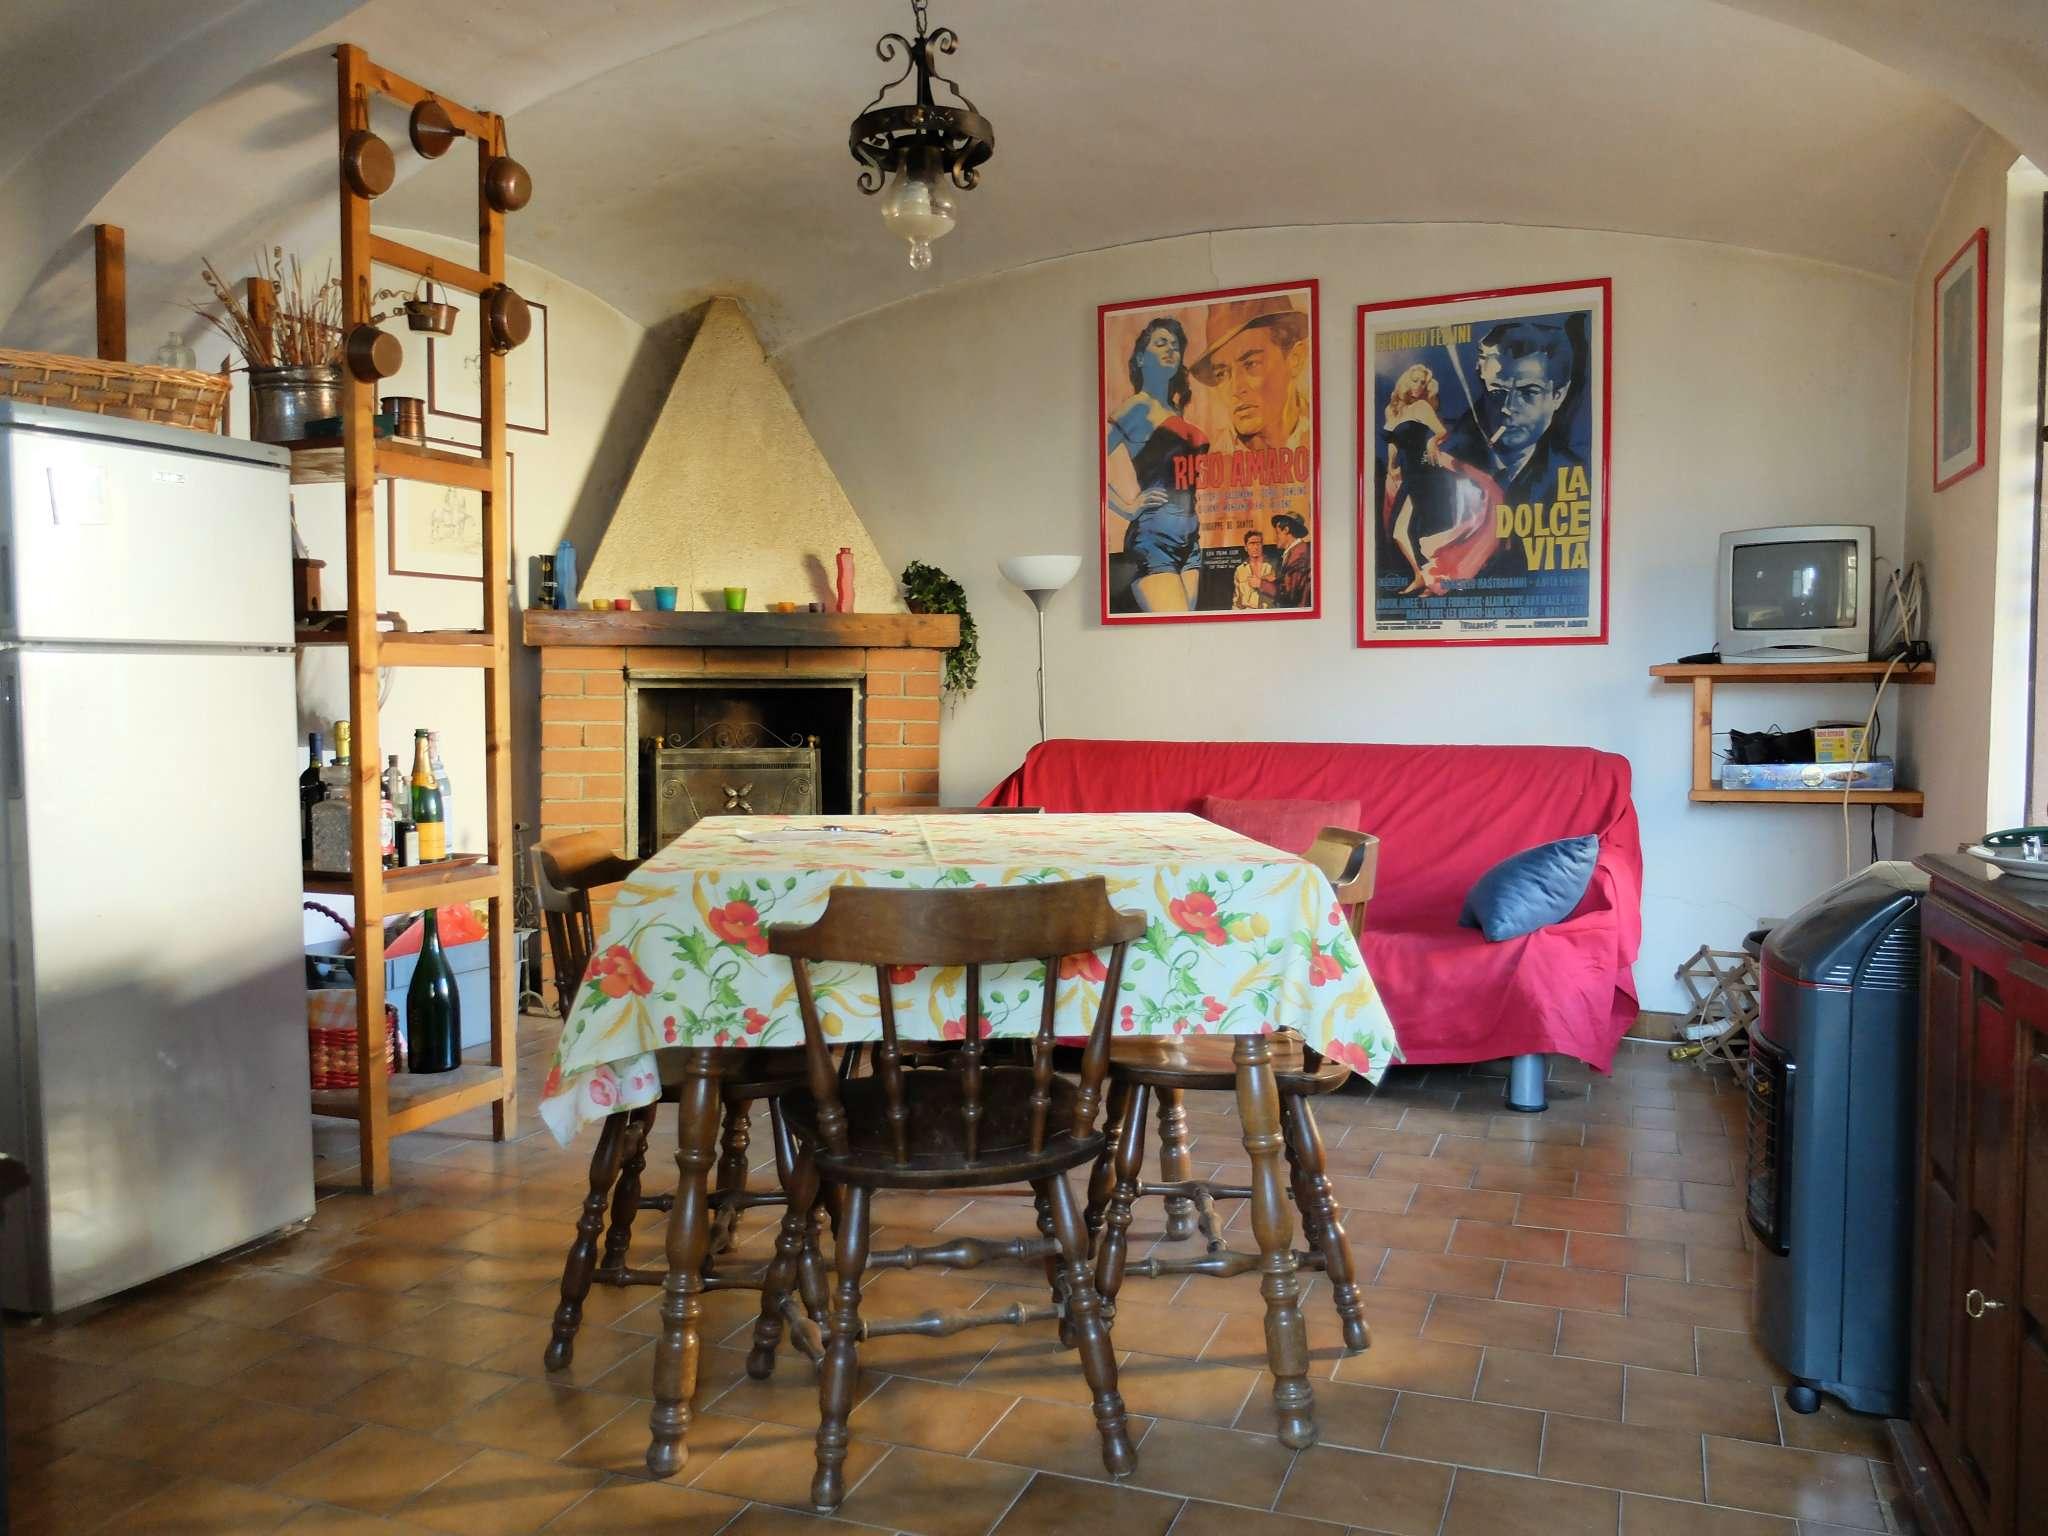 Foto 1 di Casa indipendente borgata Paschero 8, Rubiana